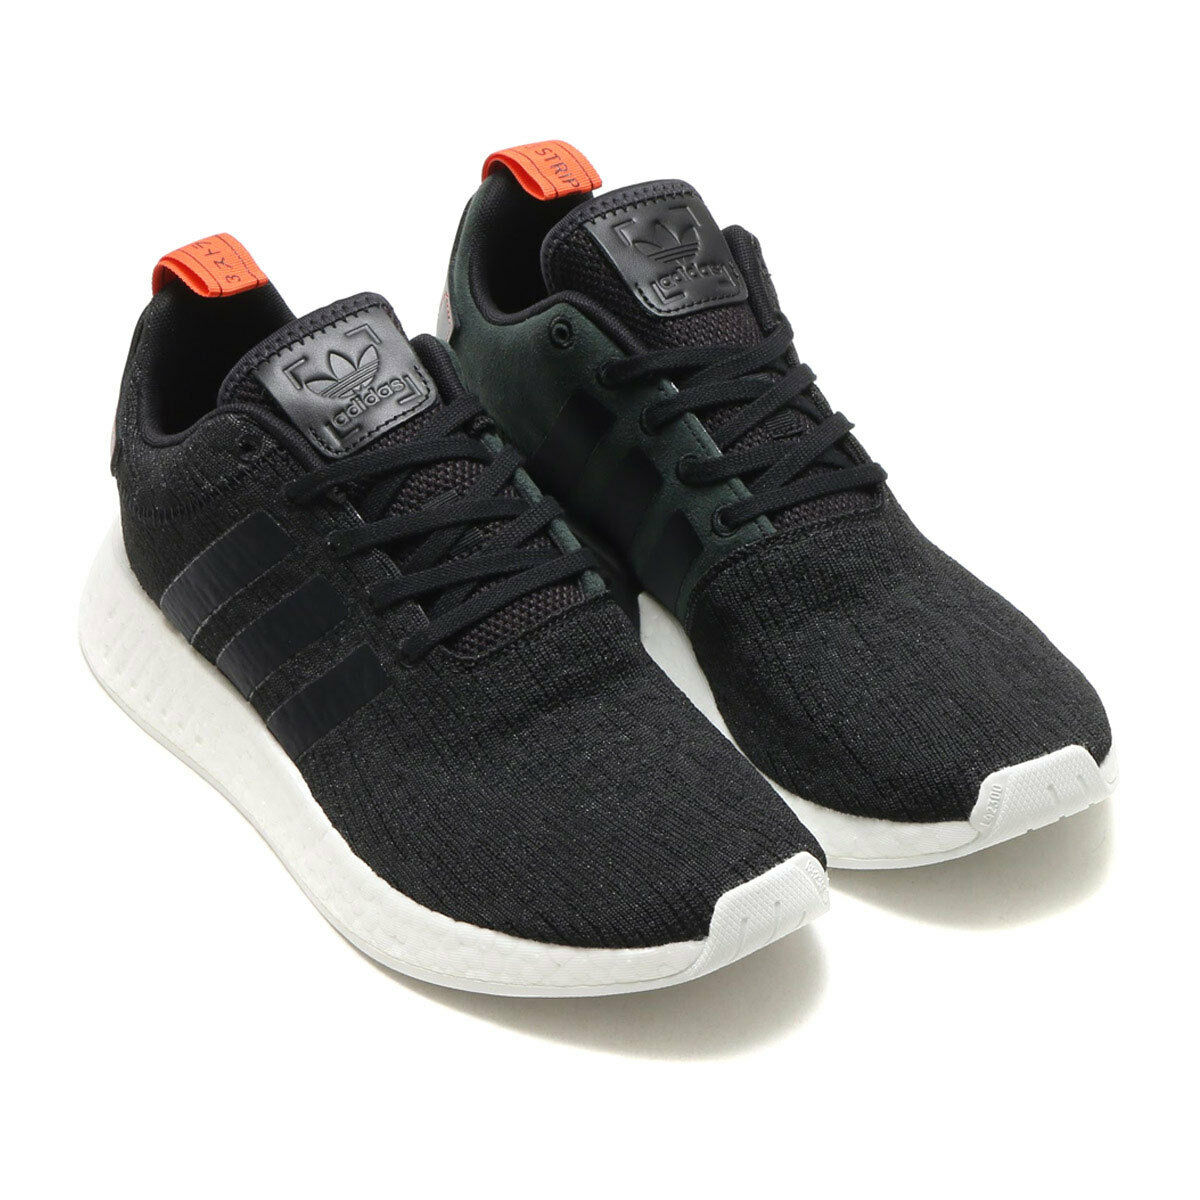 ADIDAS NMD Negro R2 Zapatos  Core Negro NMD CG3384 EE. UU. para hombre Kanye f790ef